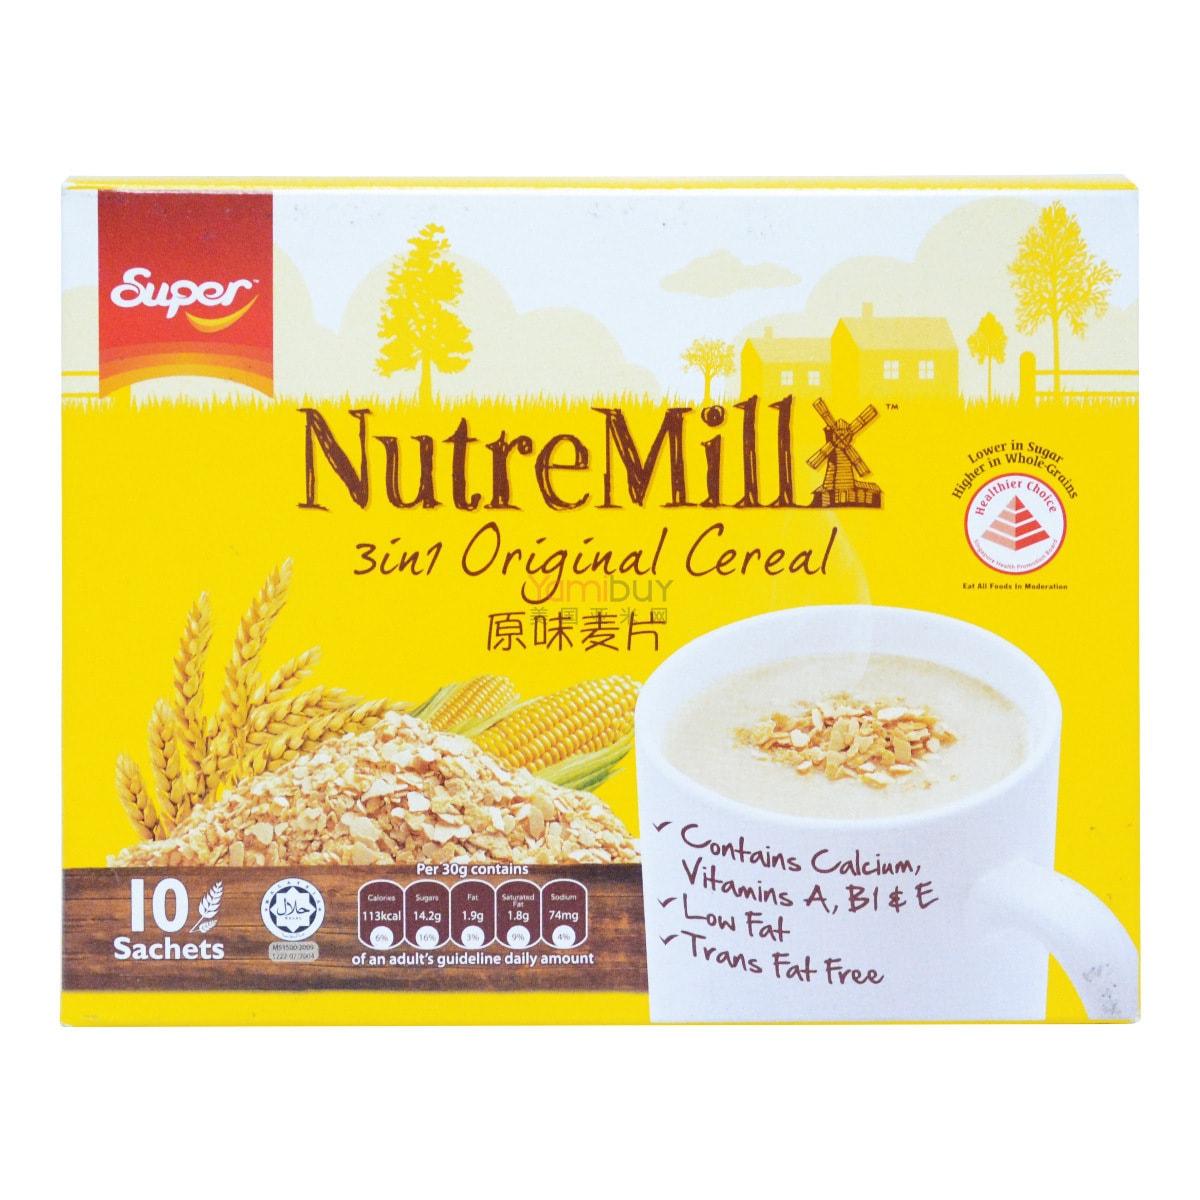 新加坡SUPER超级 三合一原味营养麦片 10包入